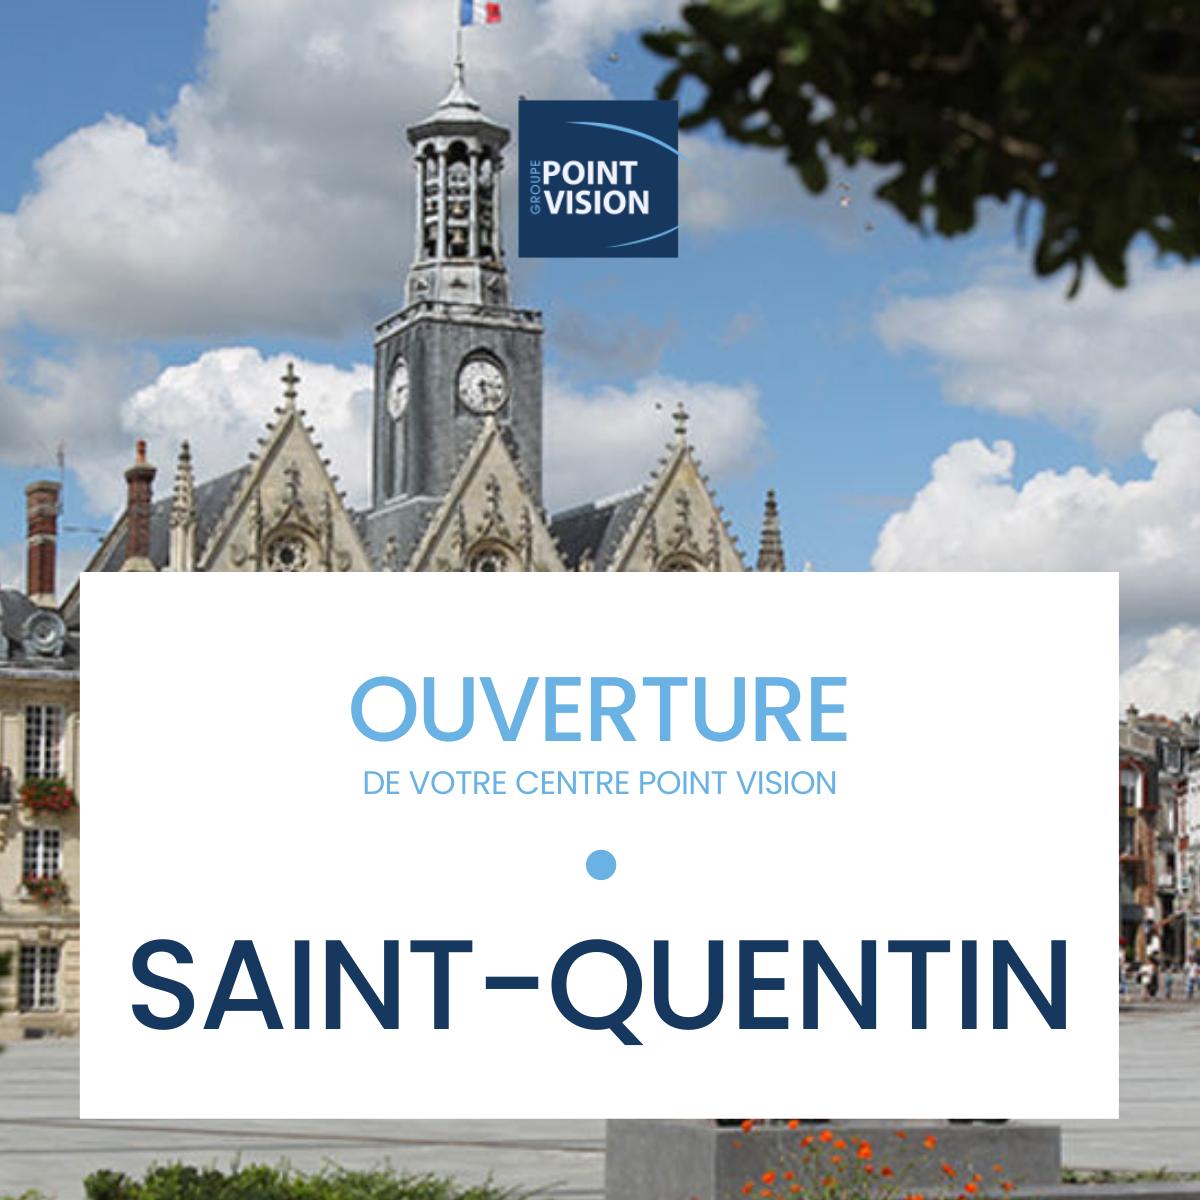 Le centre Point Vision de St-Quentin a ouvert ses portes depuis le 10 juin 2021.  Il est le site secondaire du centre Point Vision Lille Lesquin.